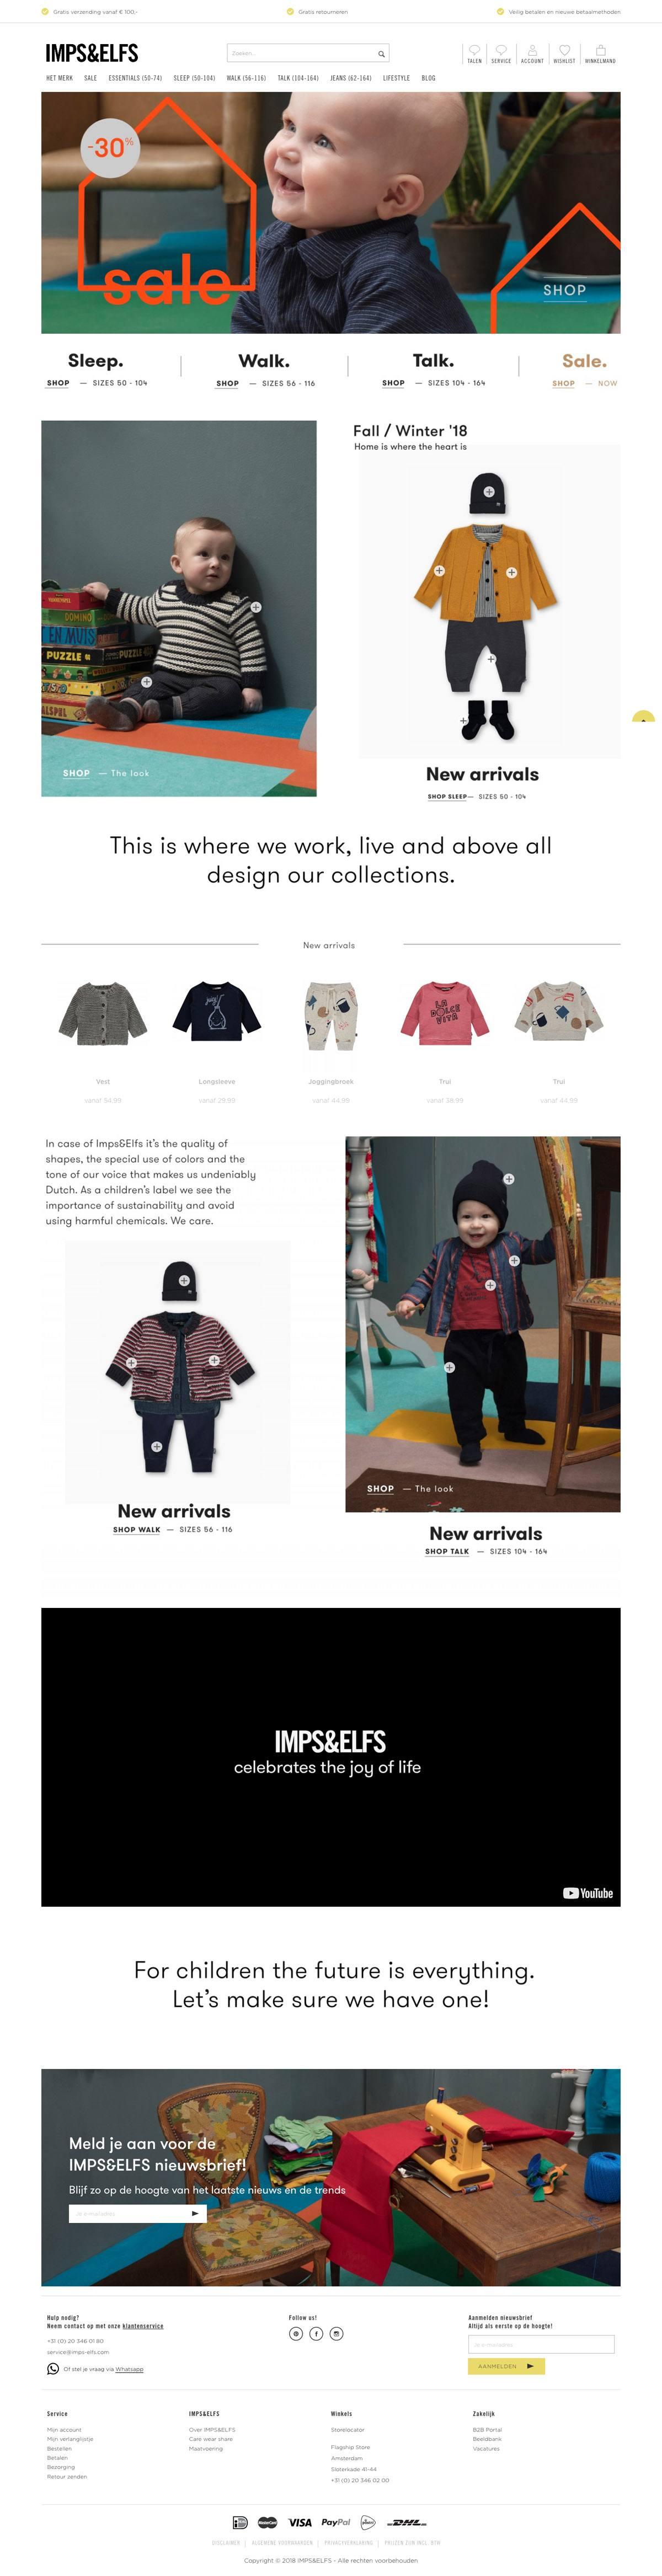 eCommerce website: Imps&Elfs